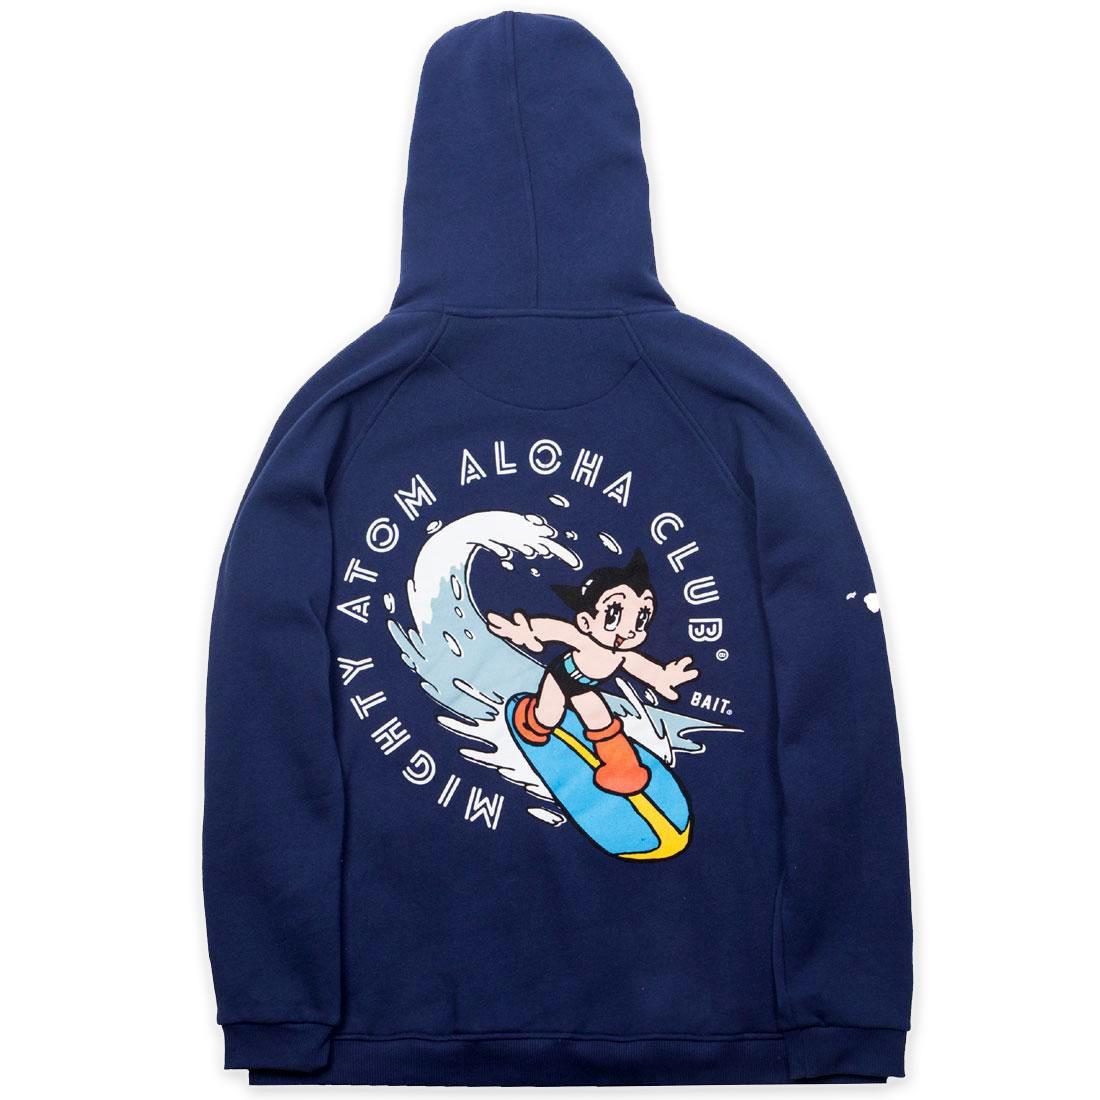 【海外限定】フーディー パーカー メンズファッション 【 BAIT X ASTRO BOY MEN ALOHA SURF ZIP HOODY NAVY 】